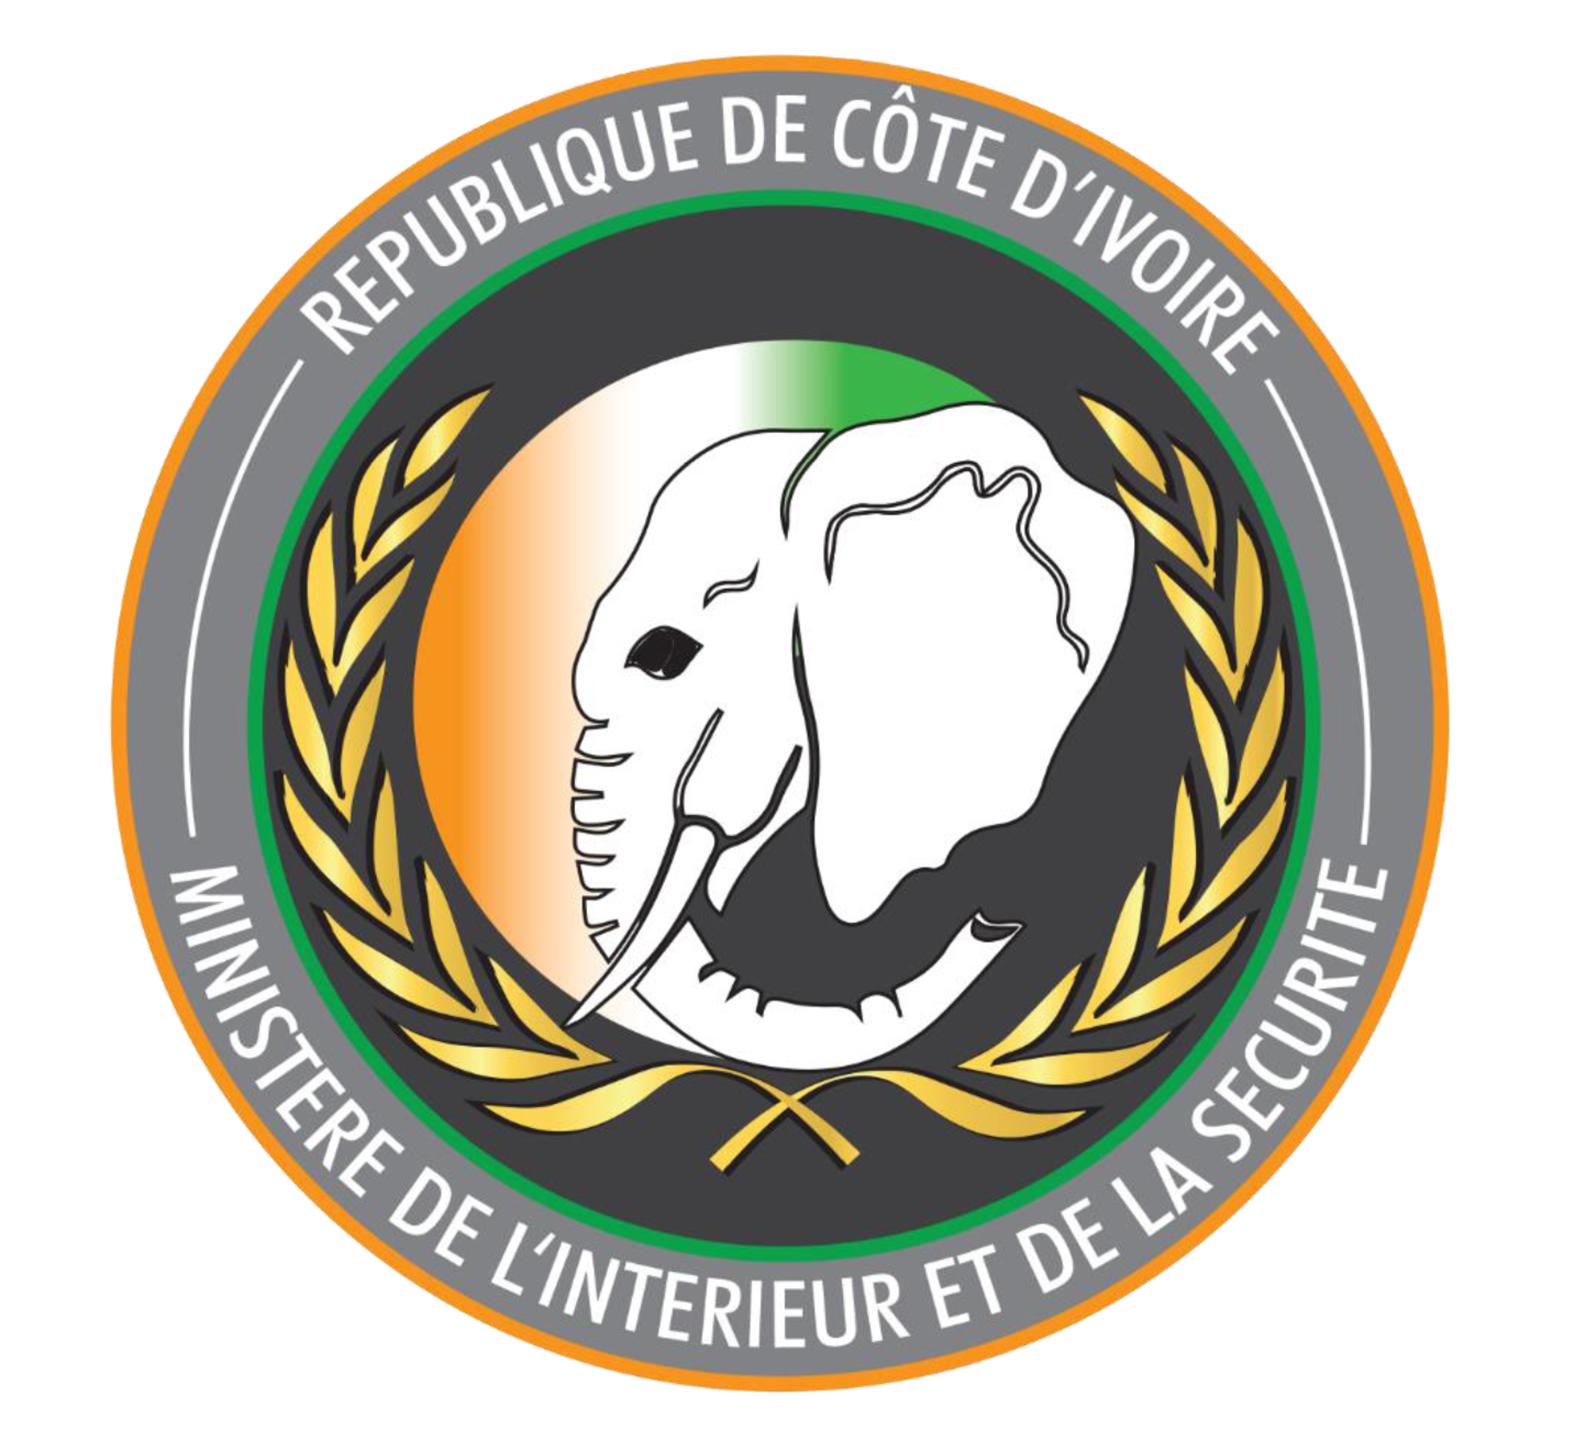 Ministère de l'Intérieur et de la Sécurité de Côte d'Ivoire